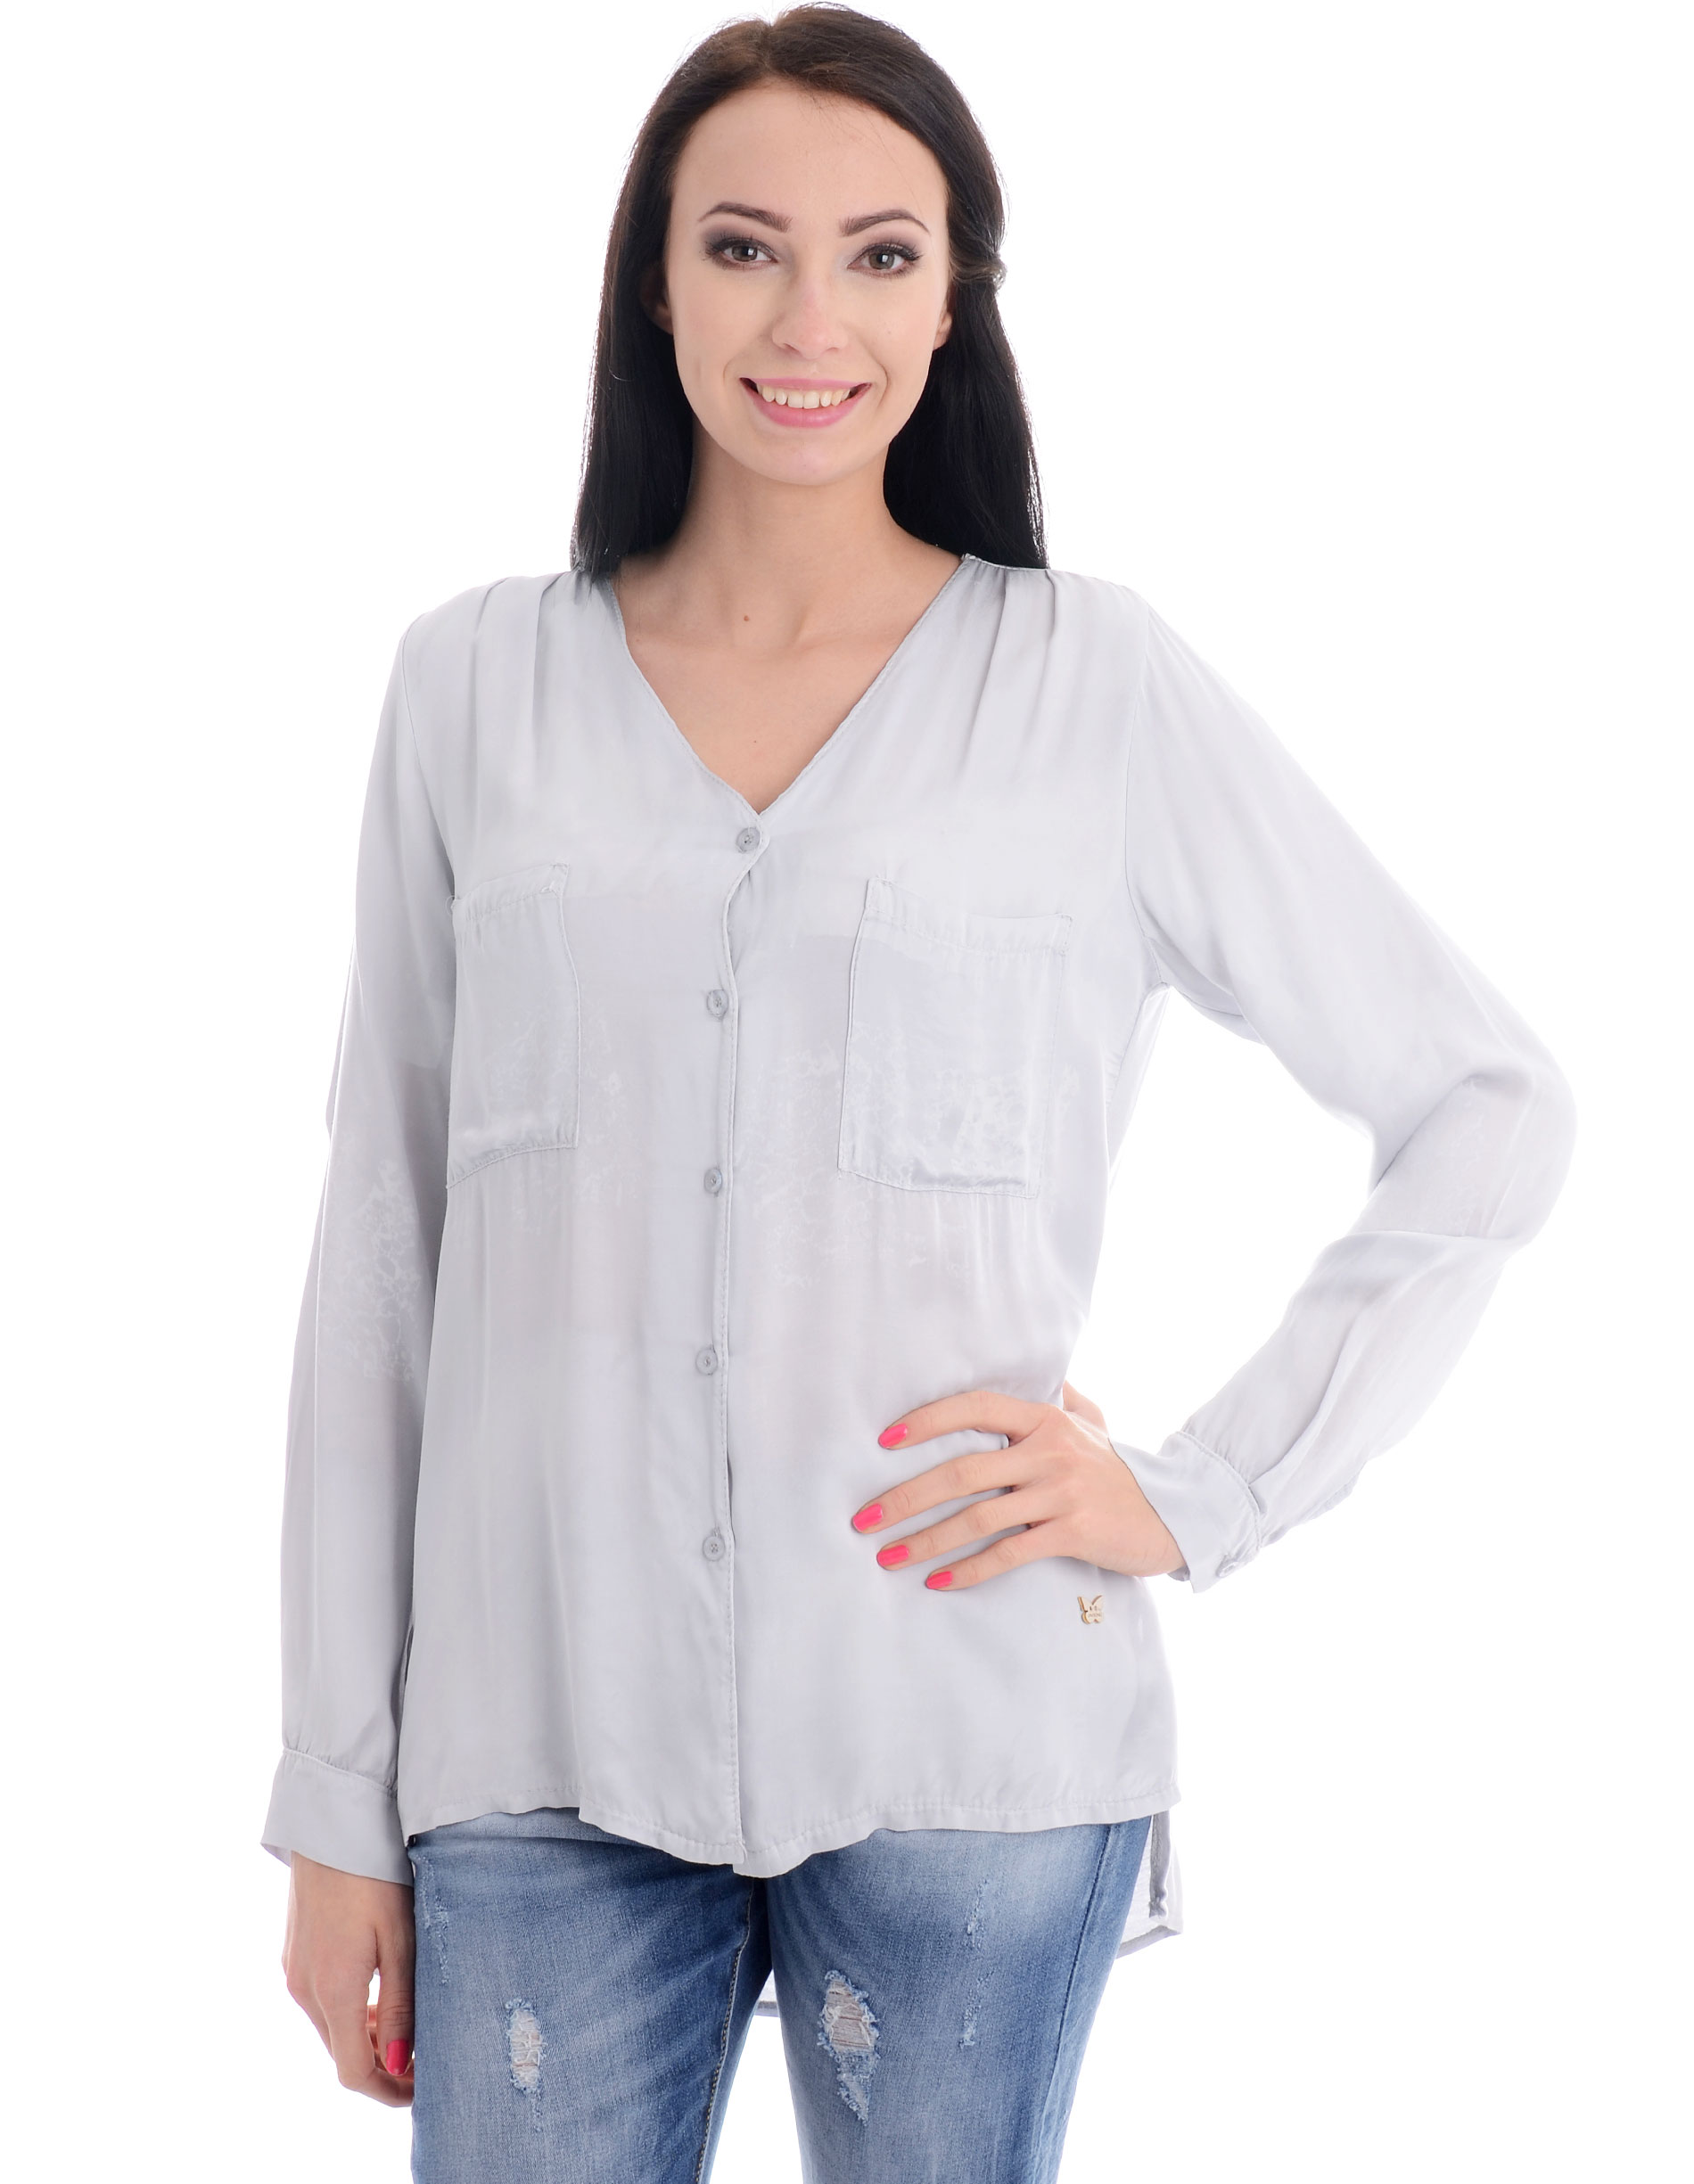 Koszula - 33-6870 GRIGI - Unisono